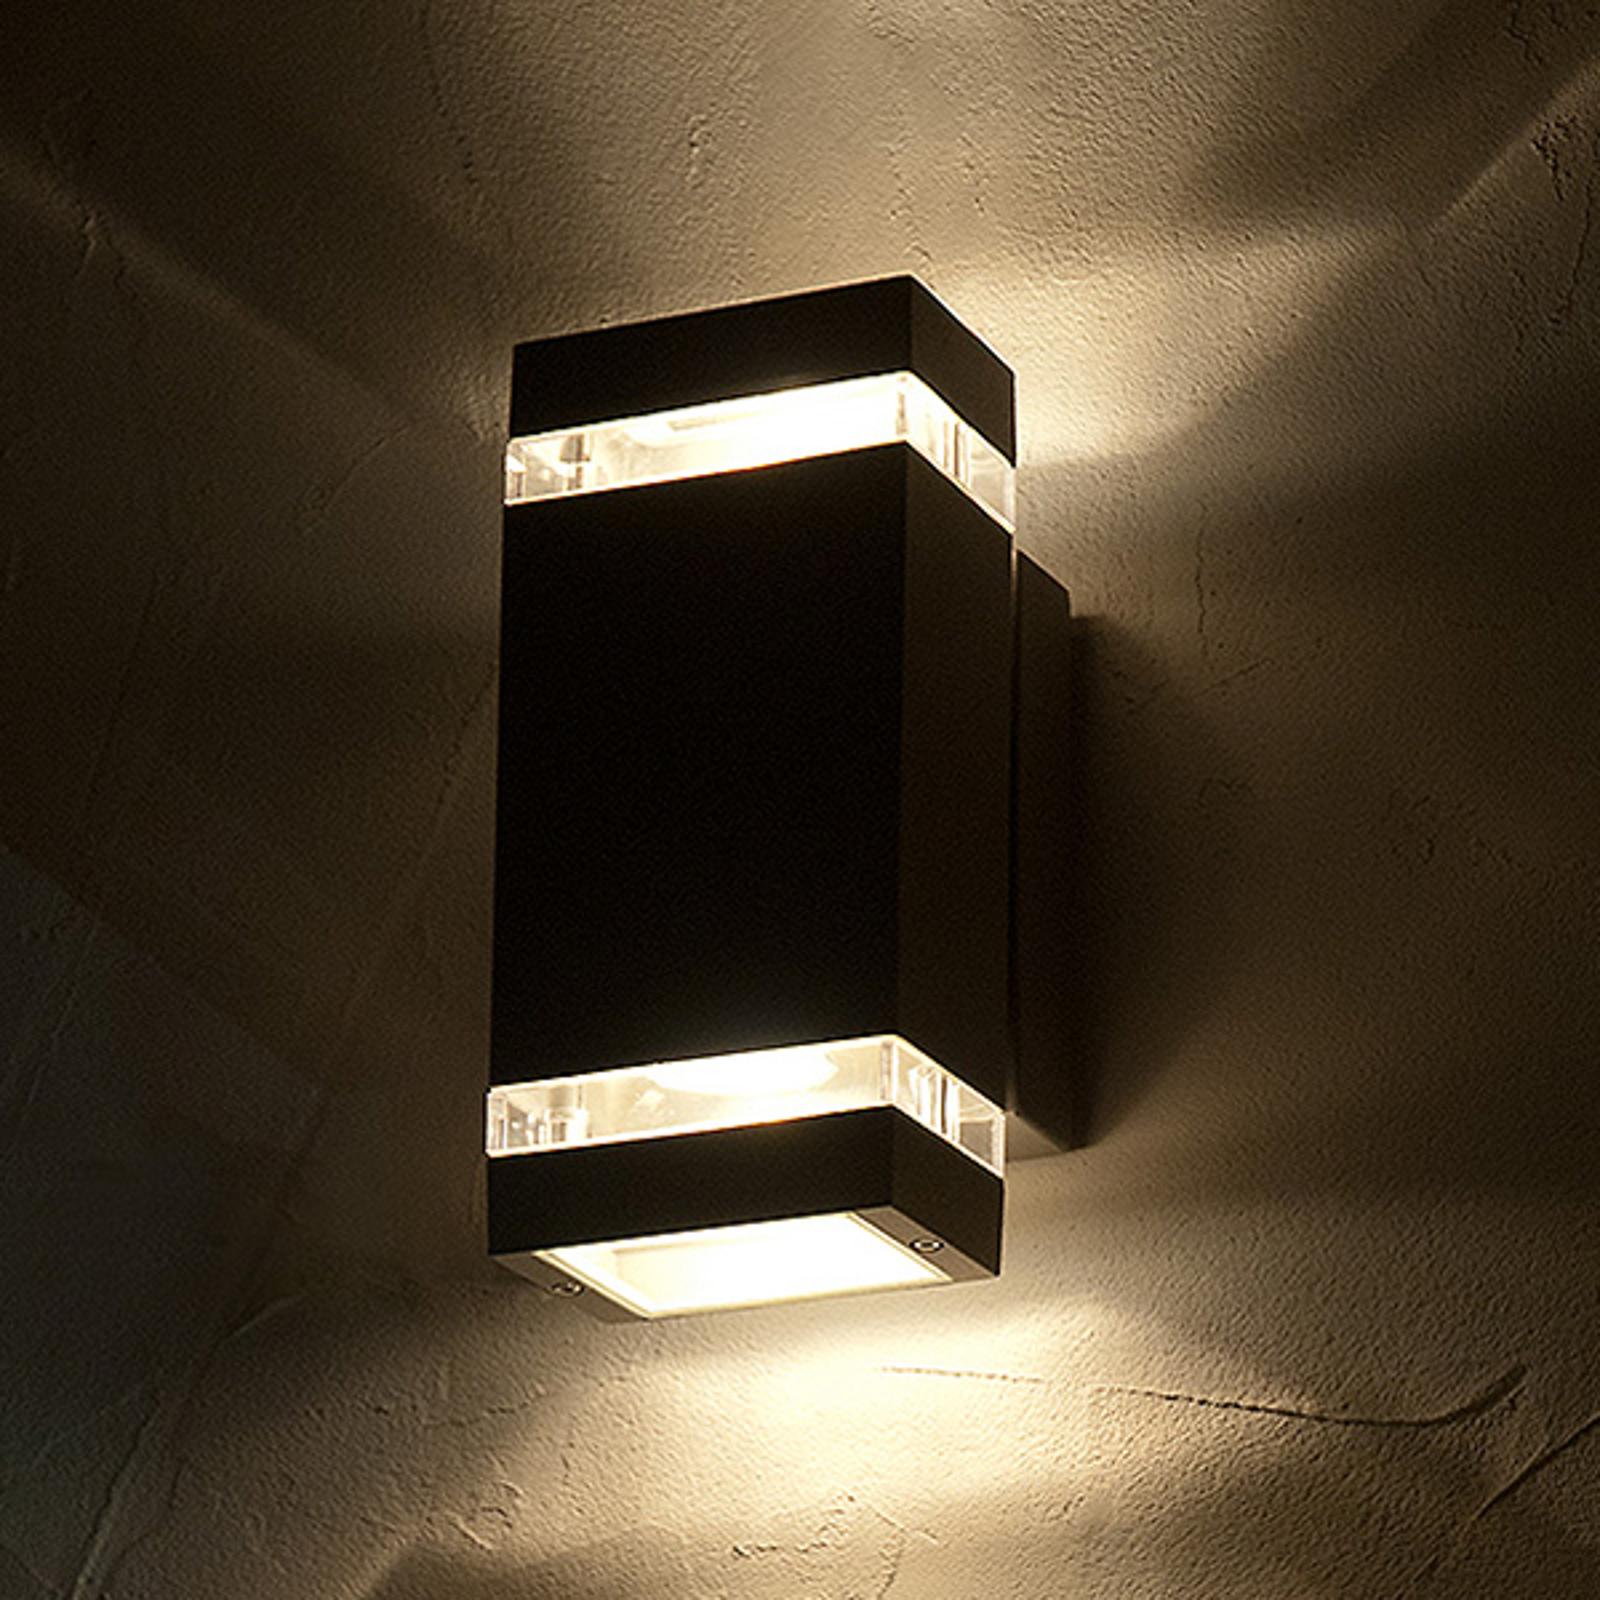 Rechthoekige led-buitenwandlamp FOCUS